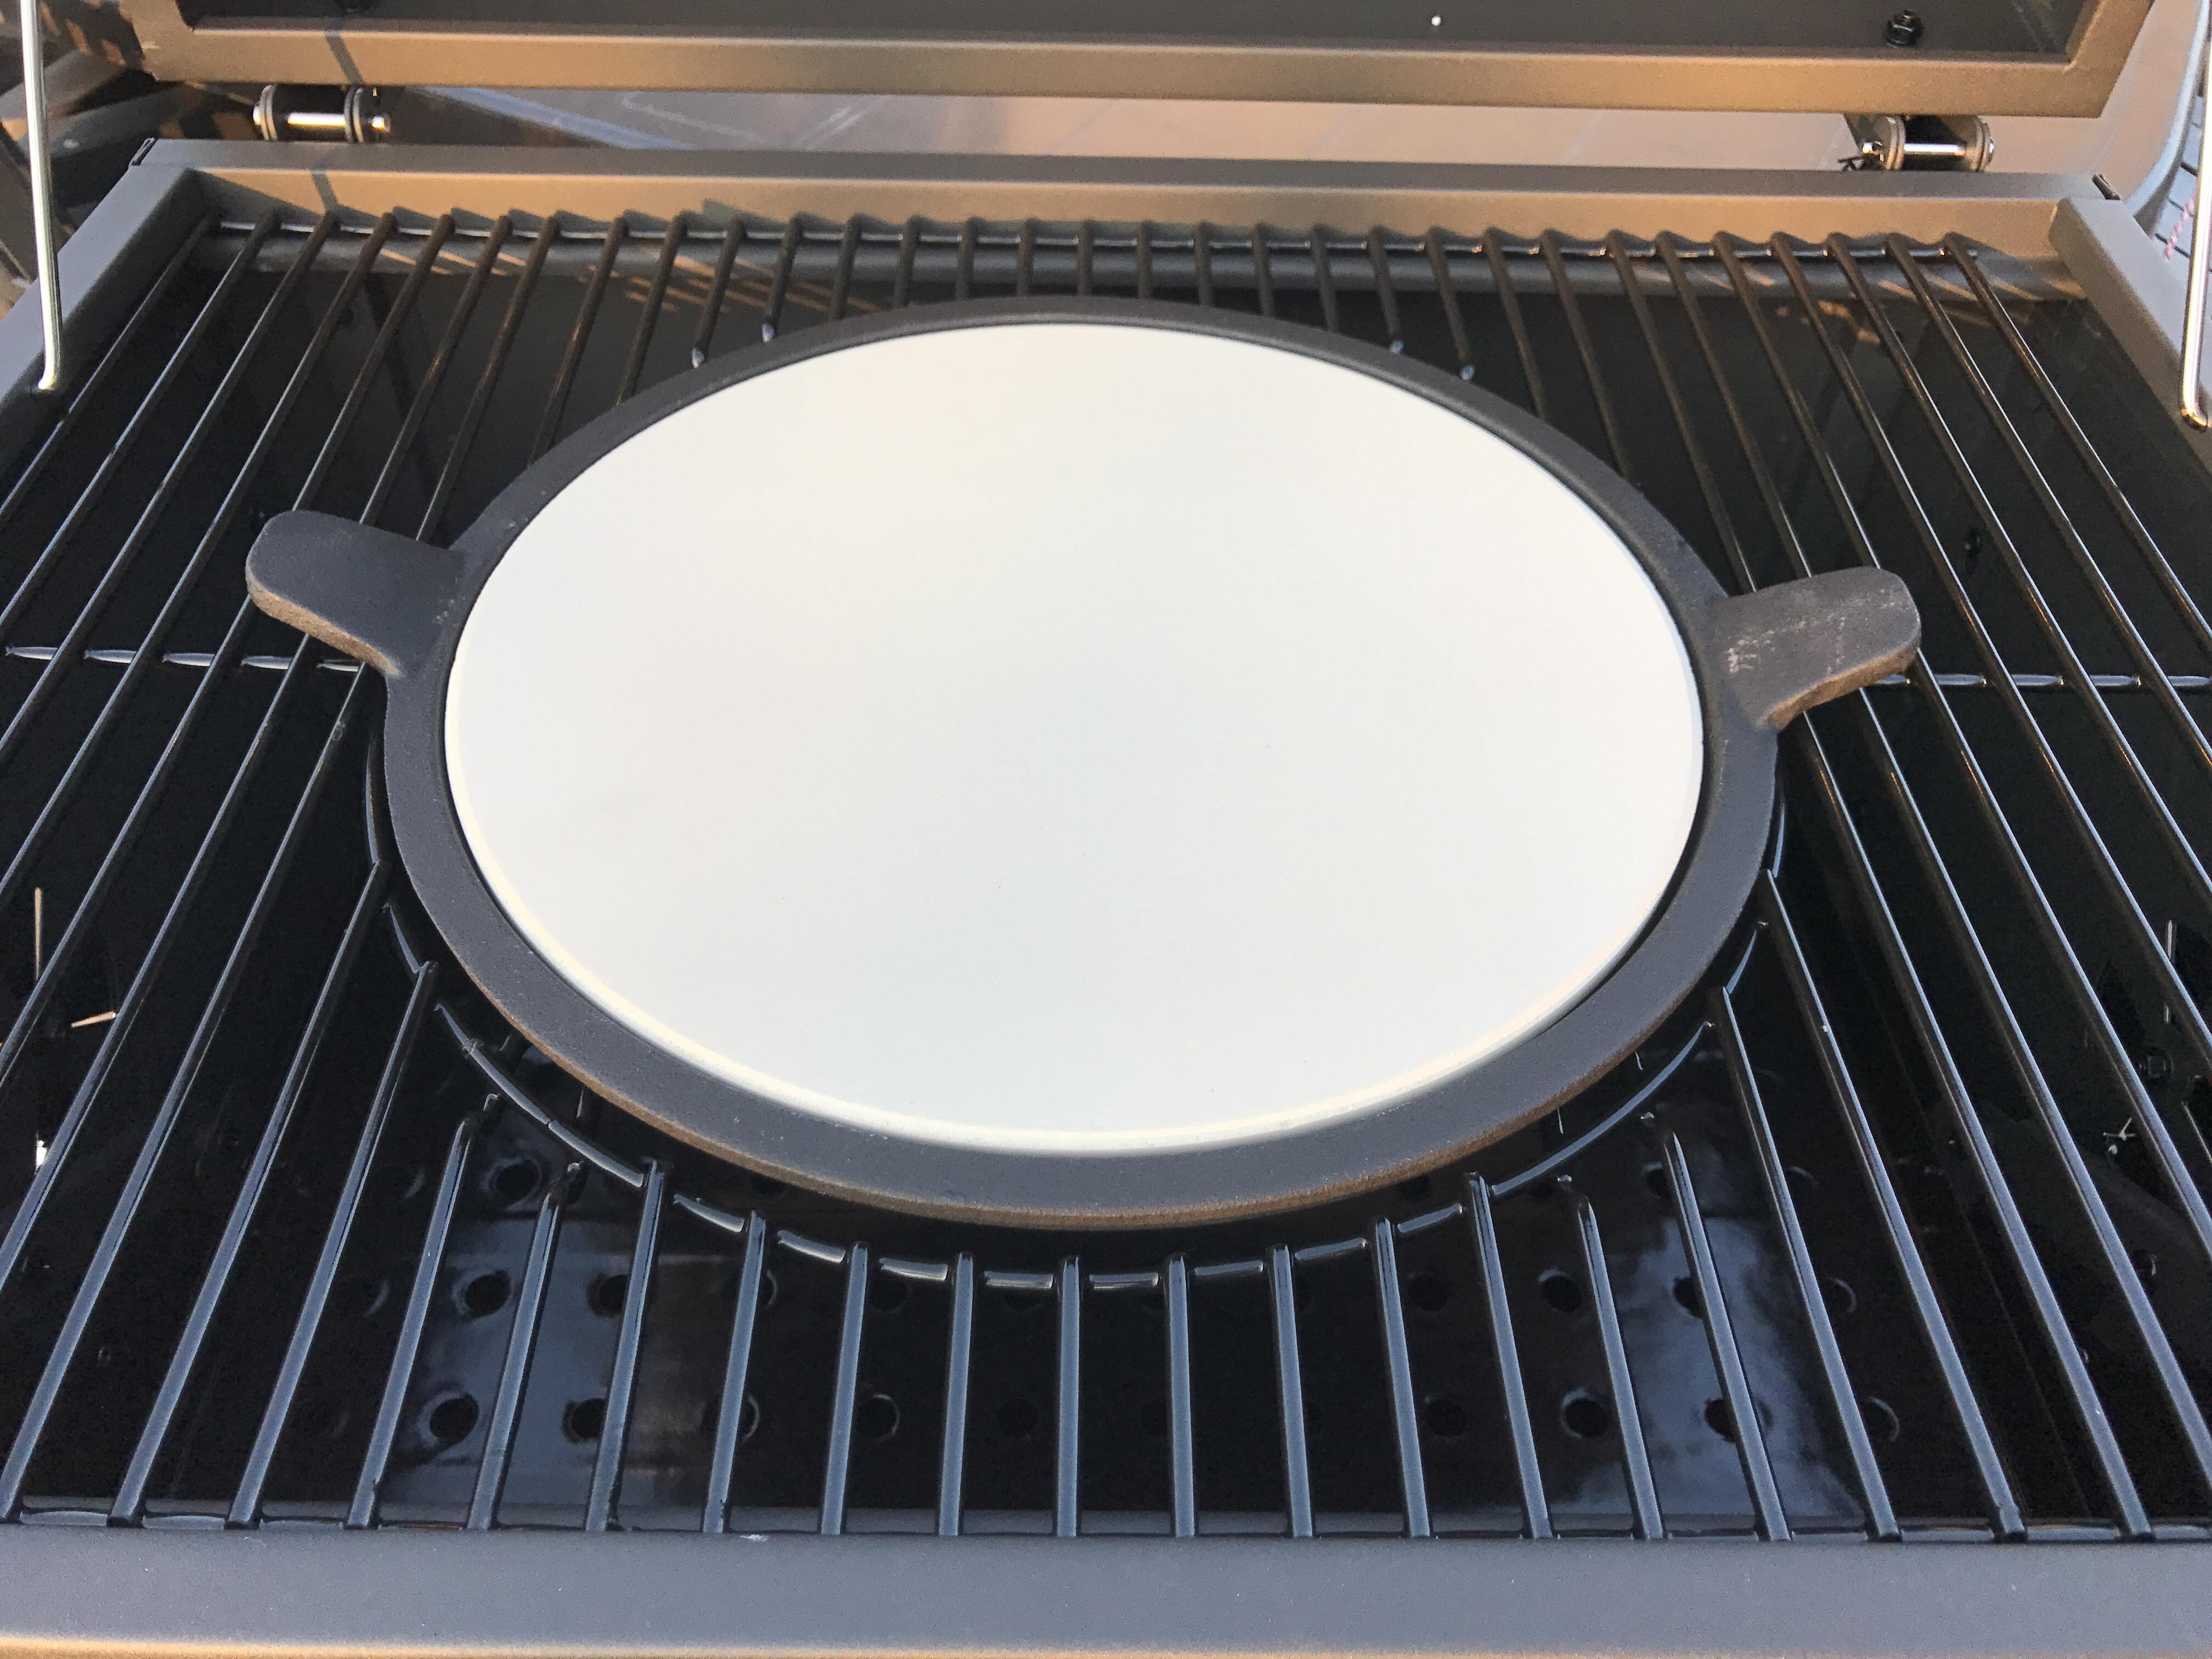 Tepro Toronto Holzkohlegrill Click : Tepro garten toronto click grillwagen holzkohle grill thermometer